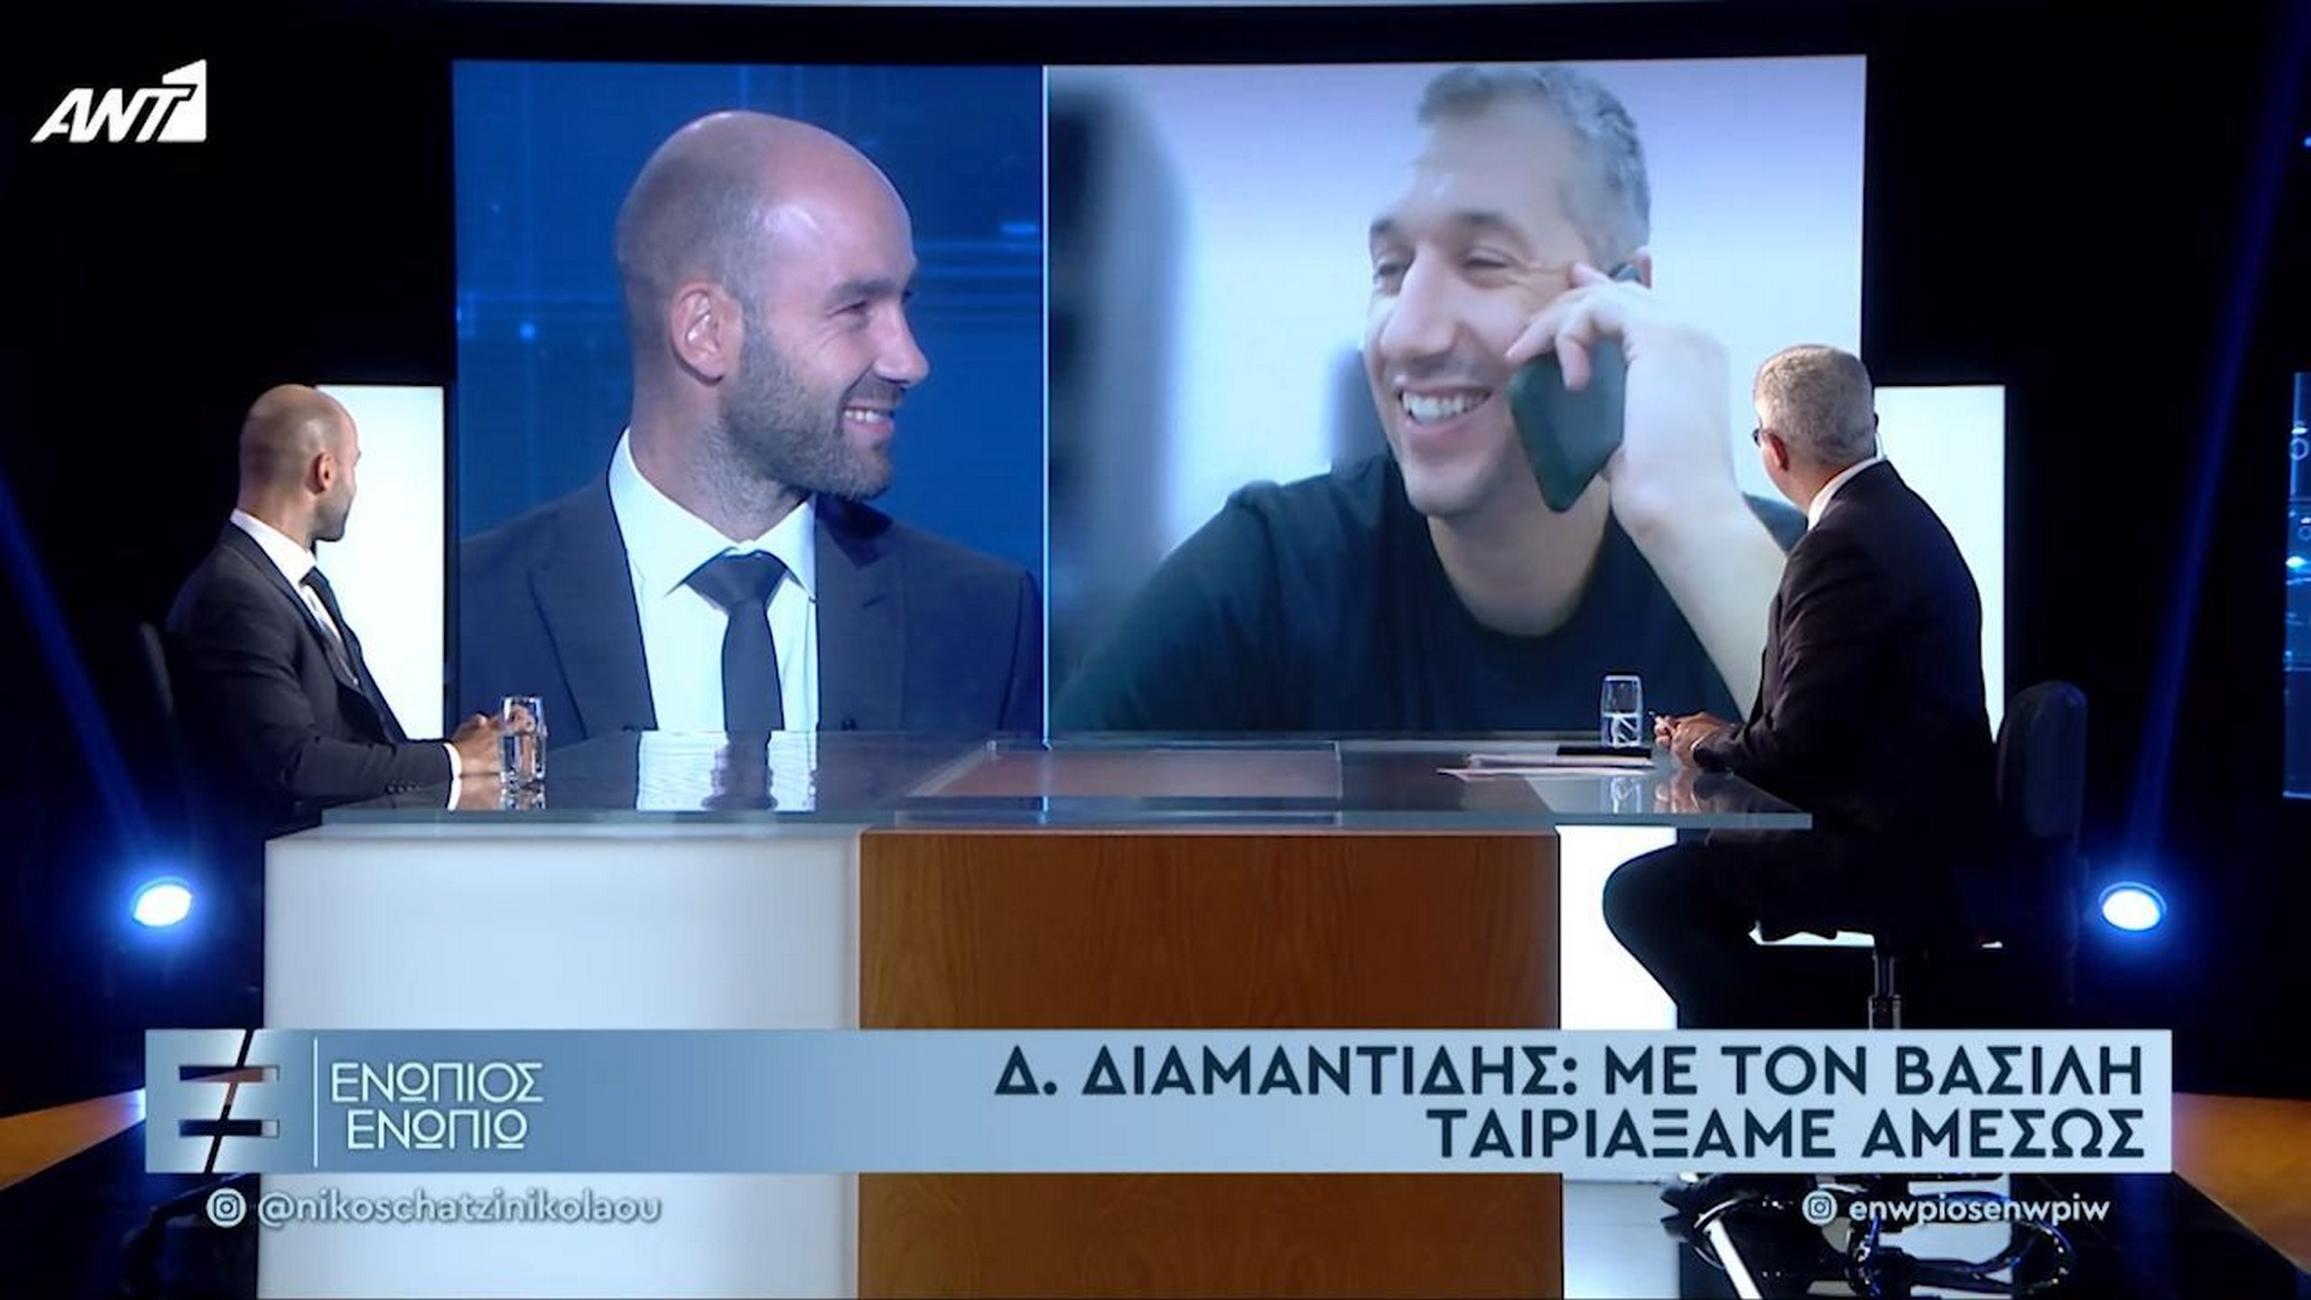 Βασίλης Σπανούλης: Μεγάλη συνέντευξη με παρέμβαση Δημήτρη Διαμαντίδη – «Δυστυχώς δεν ξεχνιέται το τρίποντο»